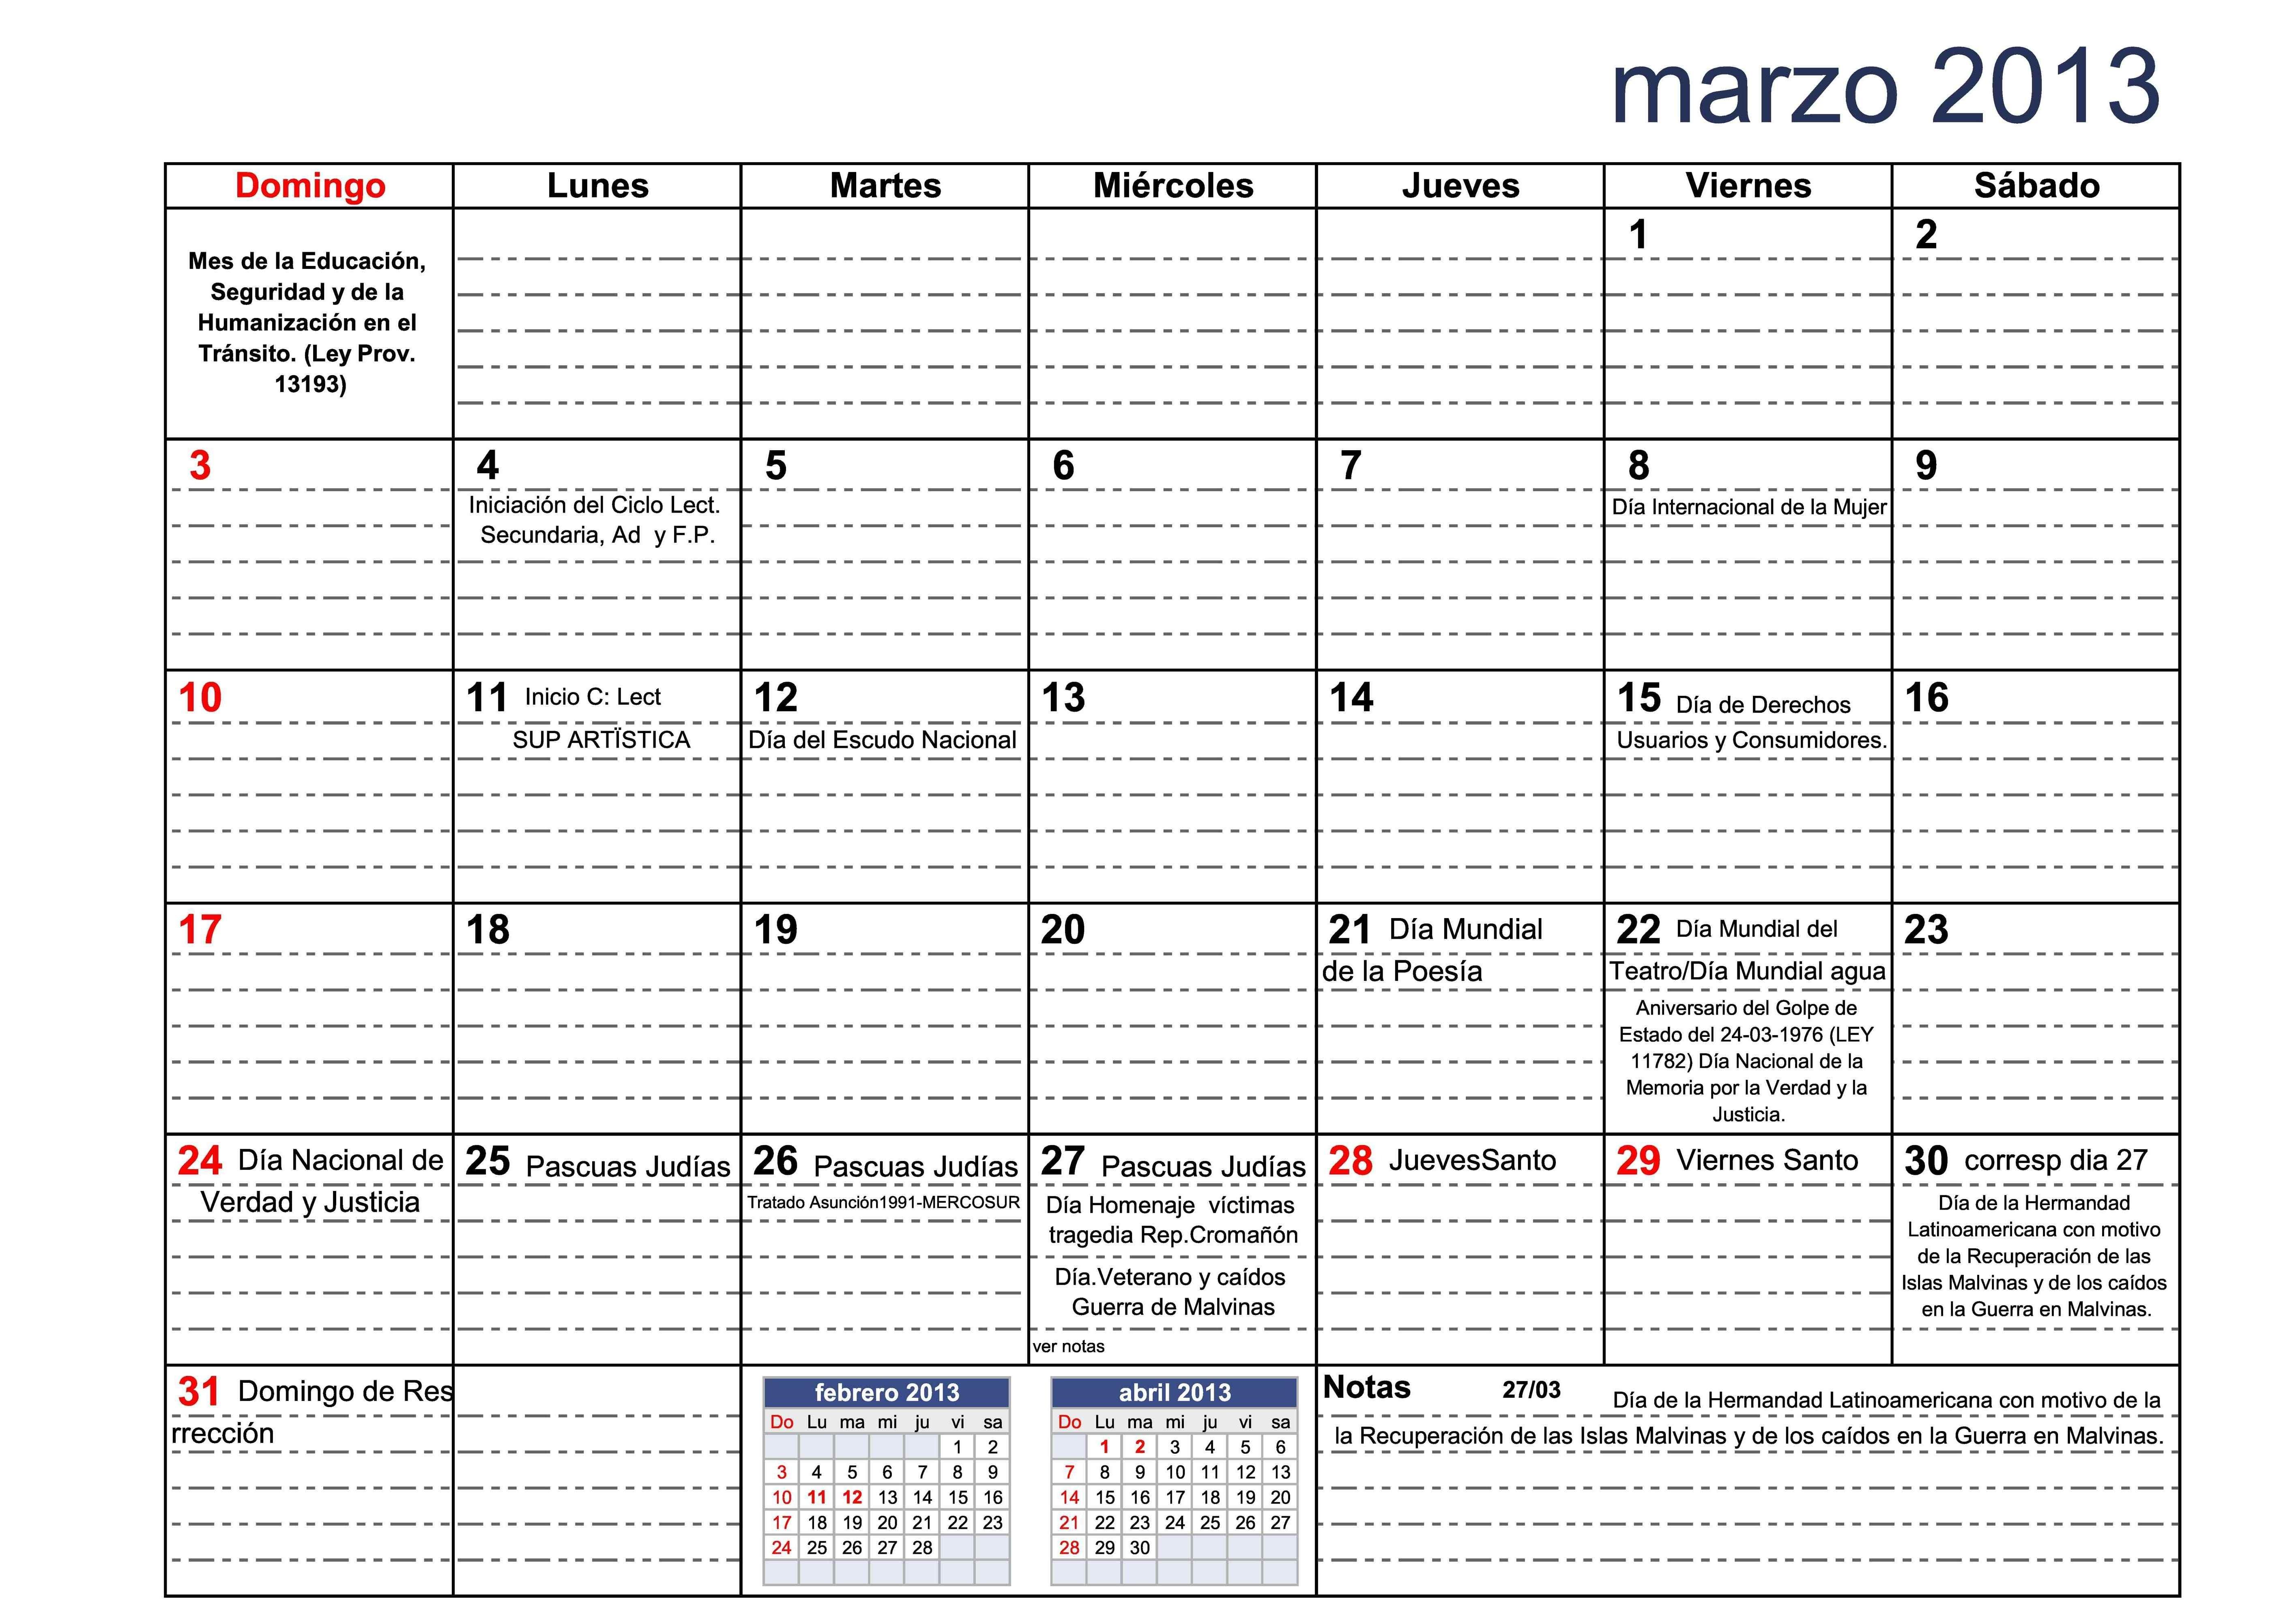 Calendario De Vacunacion 2017 Argentina Para Imprimir Más Recientes 2013 Marzo Para Jefaturas Regionales Y Distritales Of Calendario De Vacunacion 2017 Argentina Para Imprimir Actual 125 Best Viajes Images On Pinterest